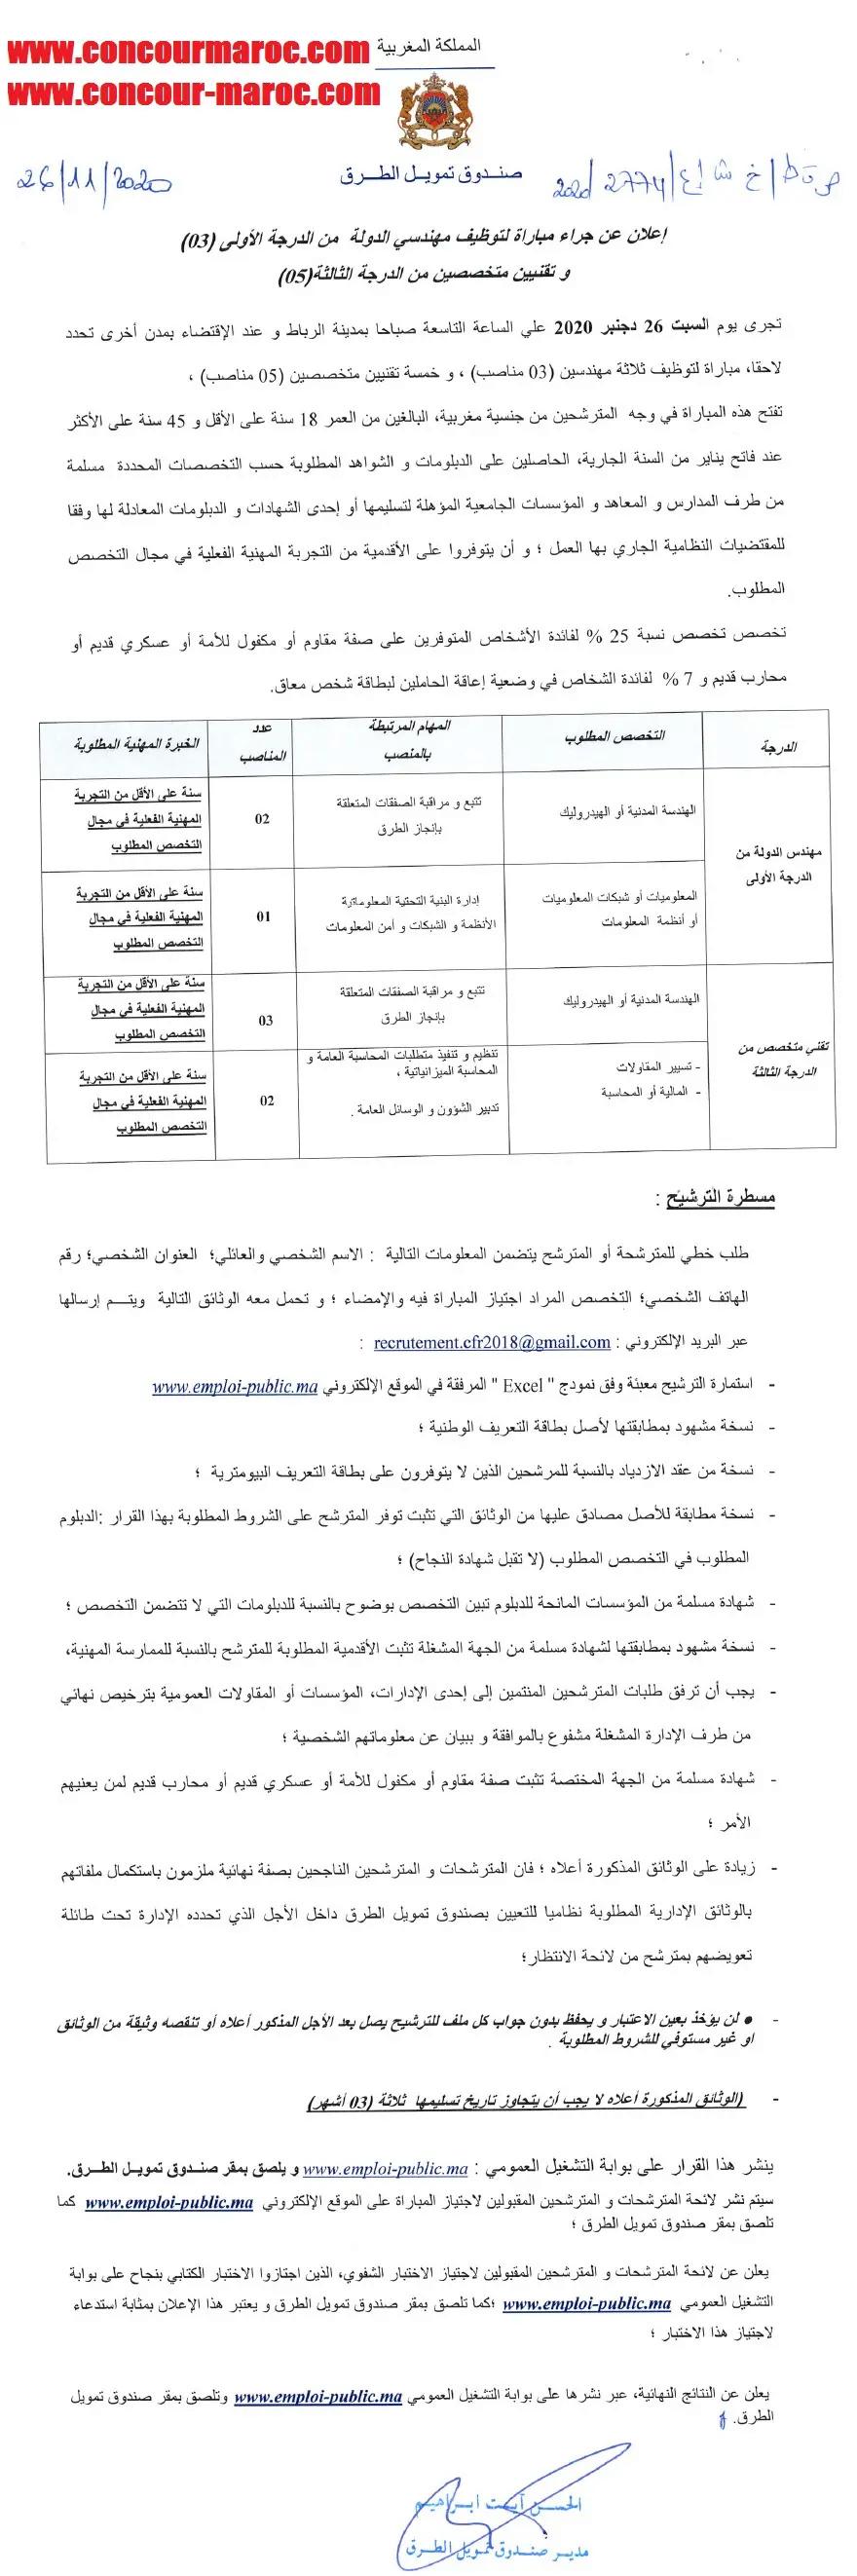 مباراة توظيف جديدة بصندوق تمويل الطرق في عدة مناصب و تخصصات آخر أجل 11 دجنبر 2020 Acia_o11